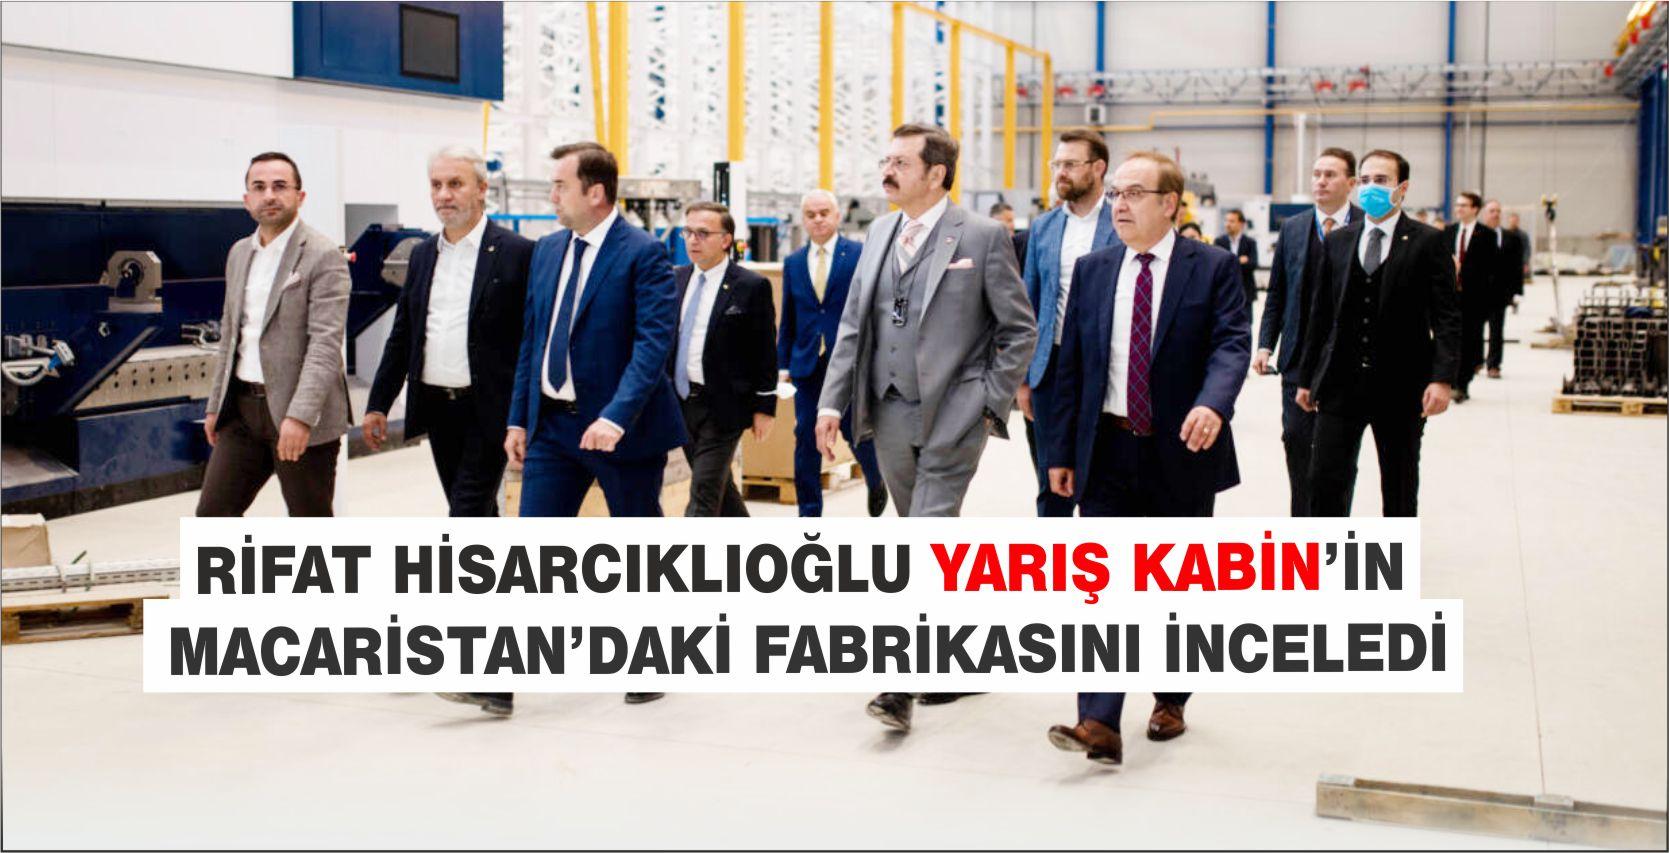 YARIŞ KABİN'İN MACARİSTAN'DAKİ FABRİKASINA ÖVGÜ